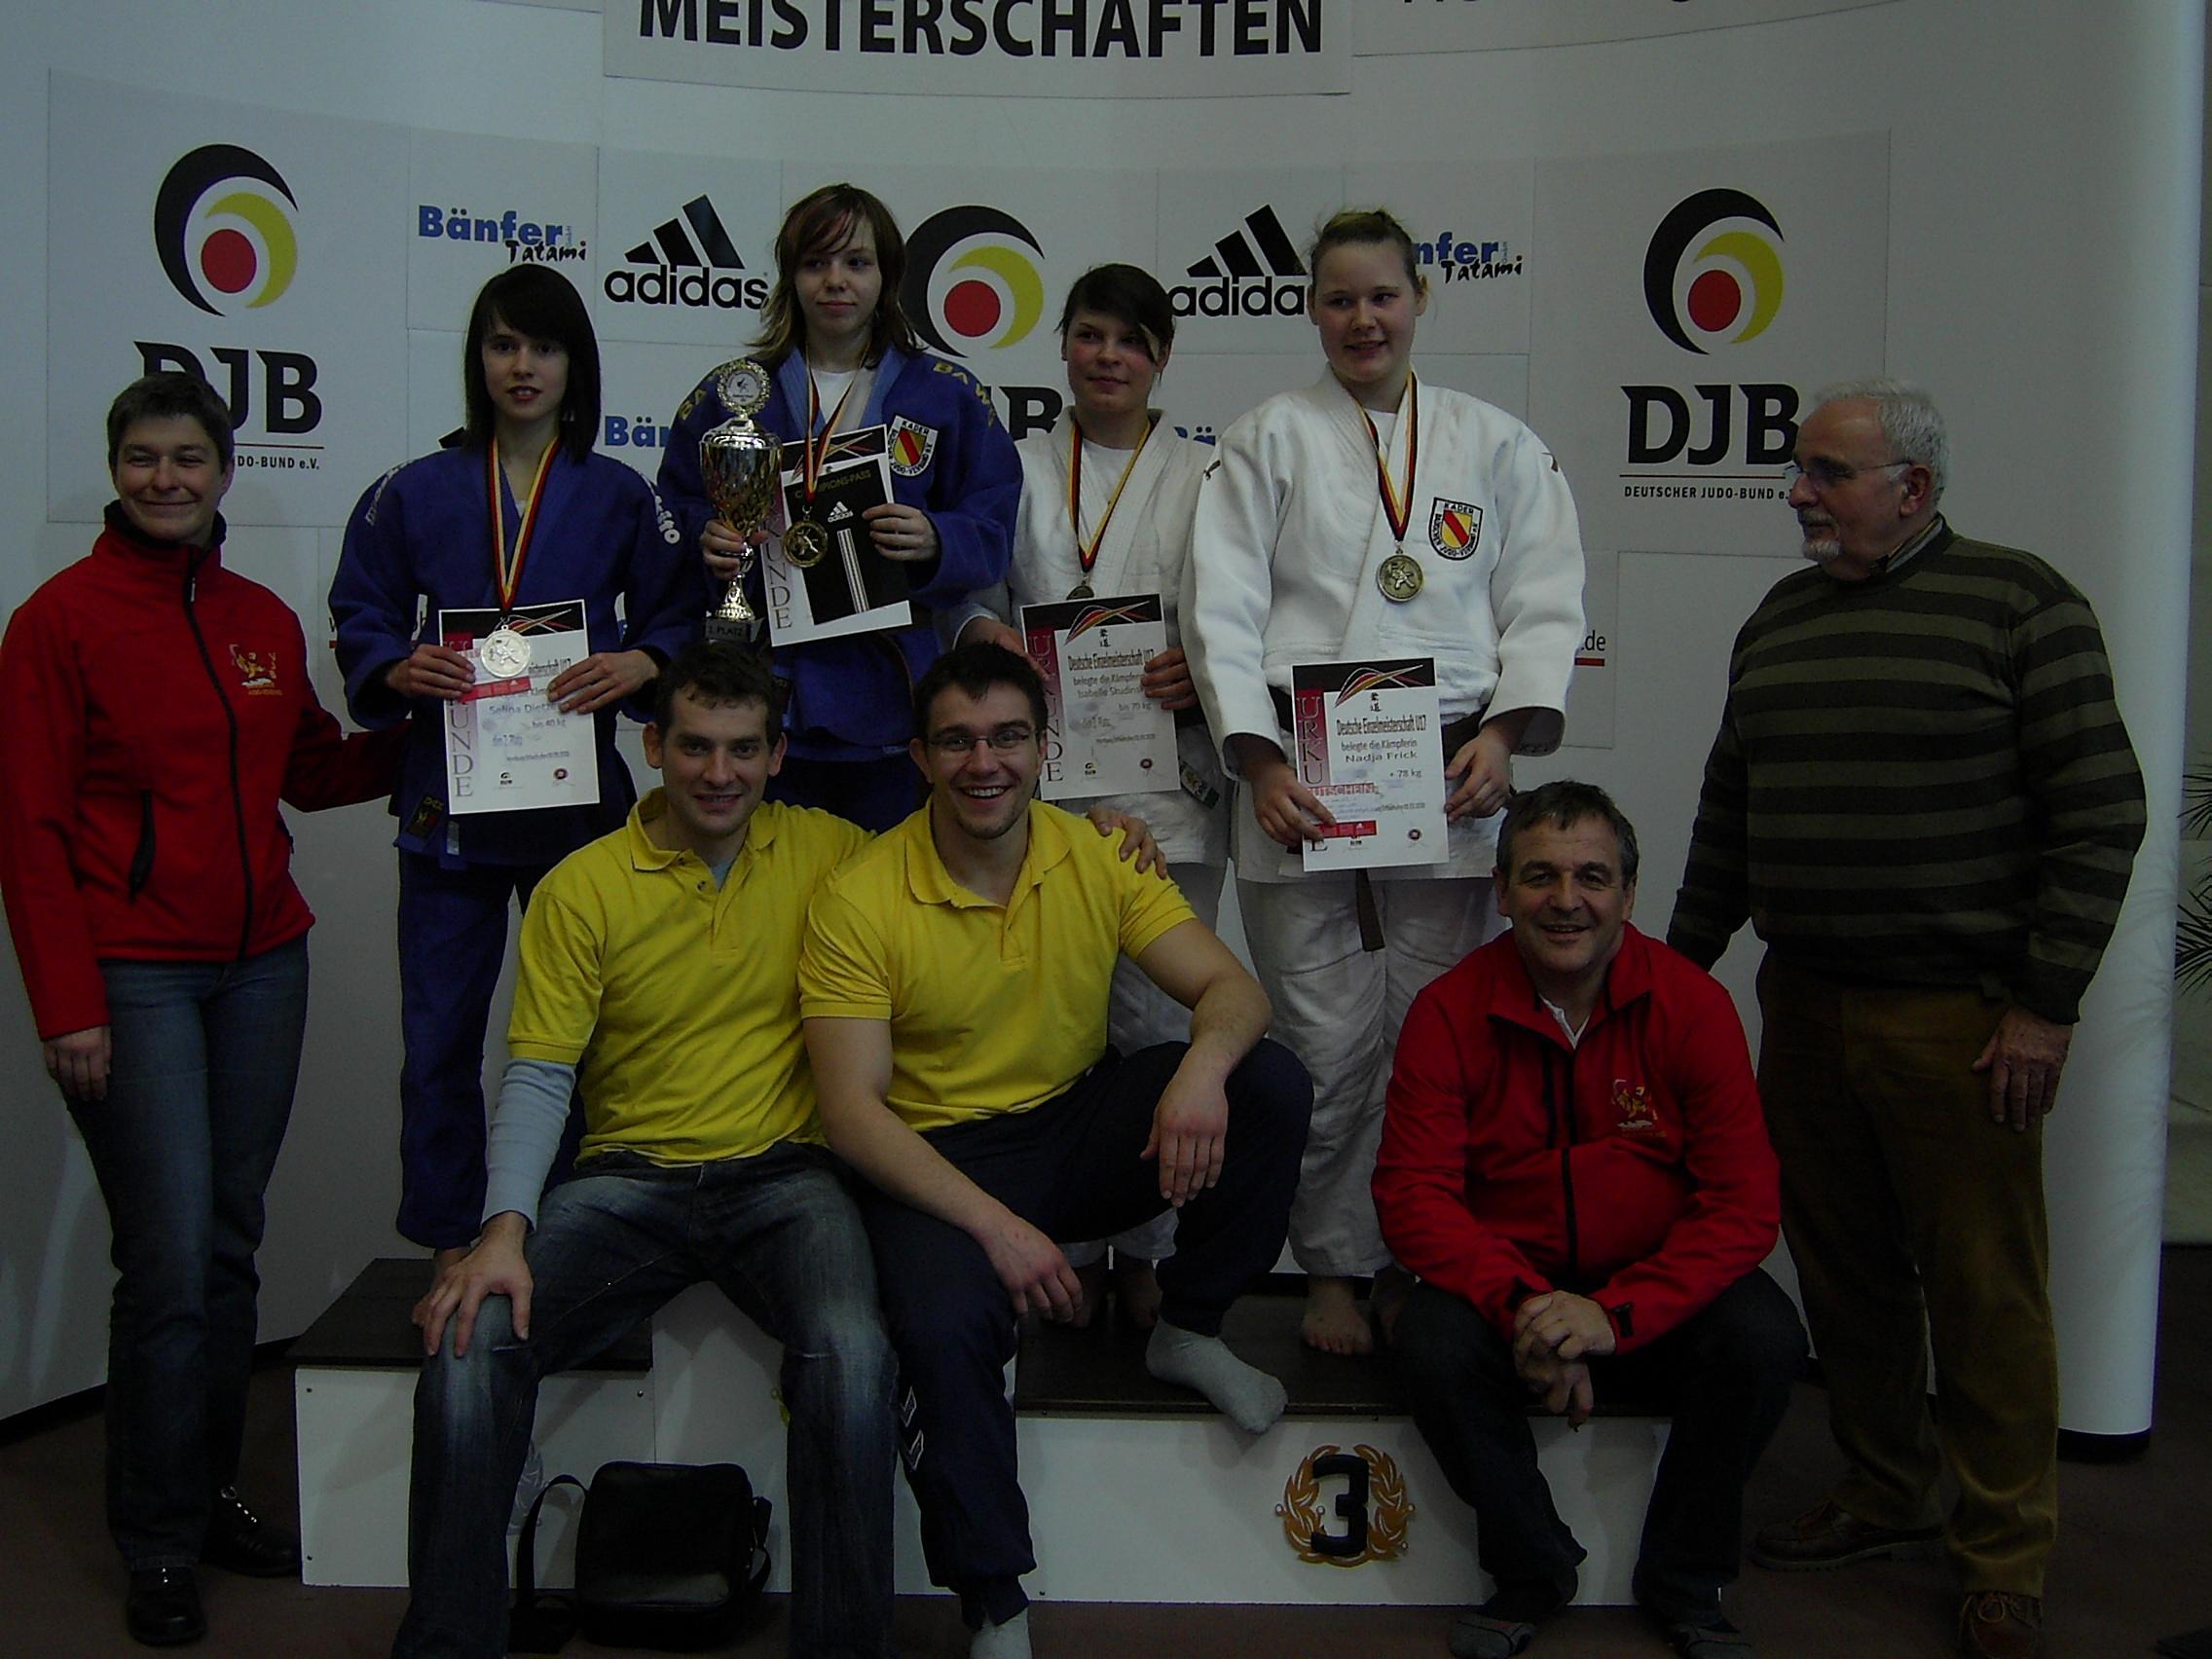 Deutsche EM der Fu 17 in Homburg/Saar